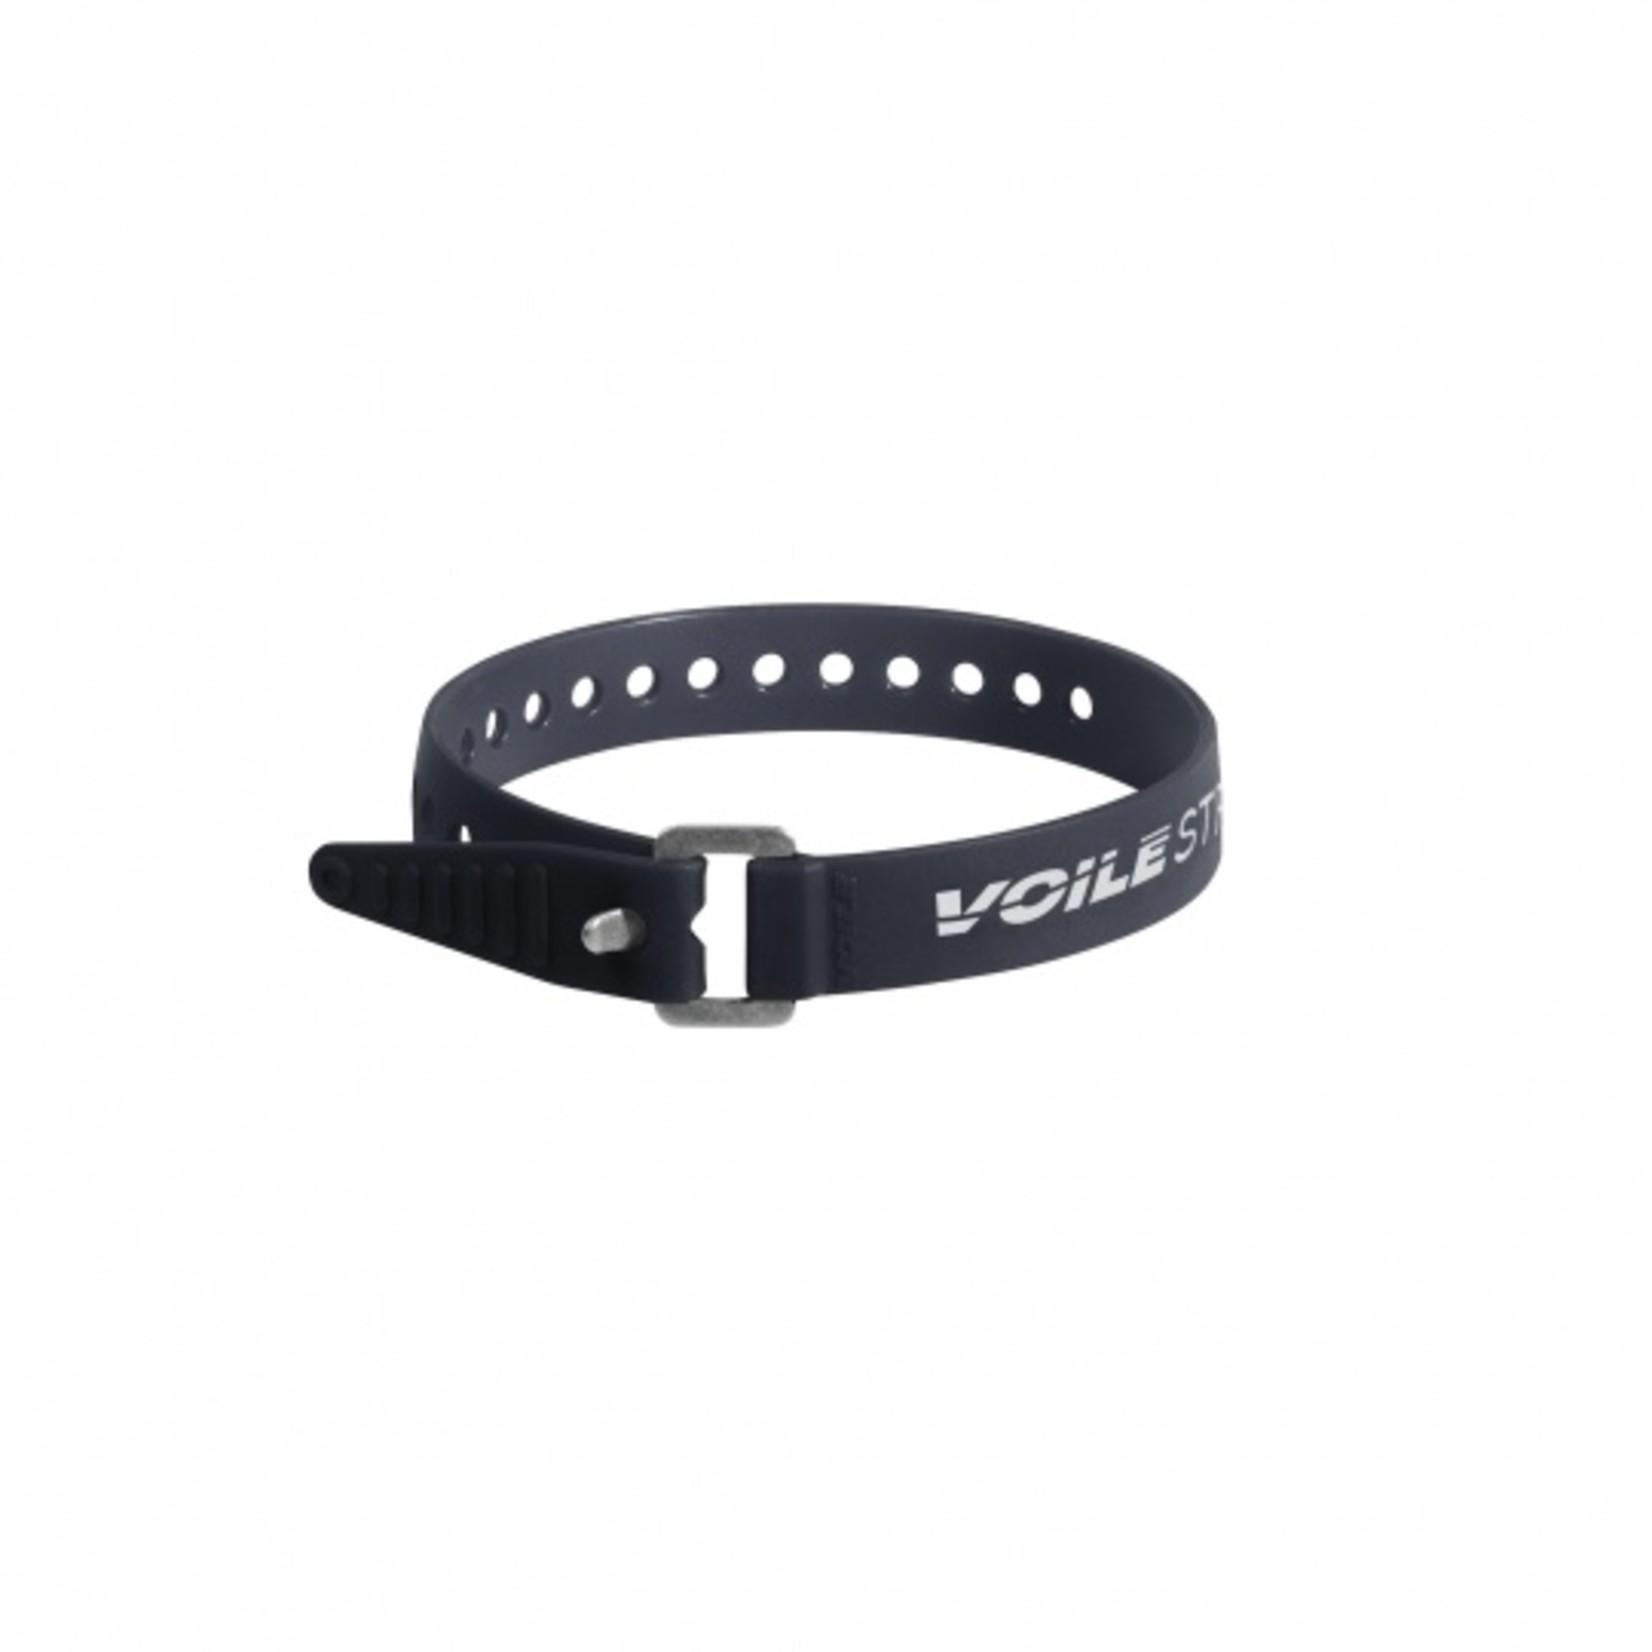 Voile Voile, Straps 15 Inch Aluminium Buckle